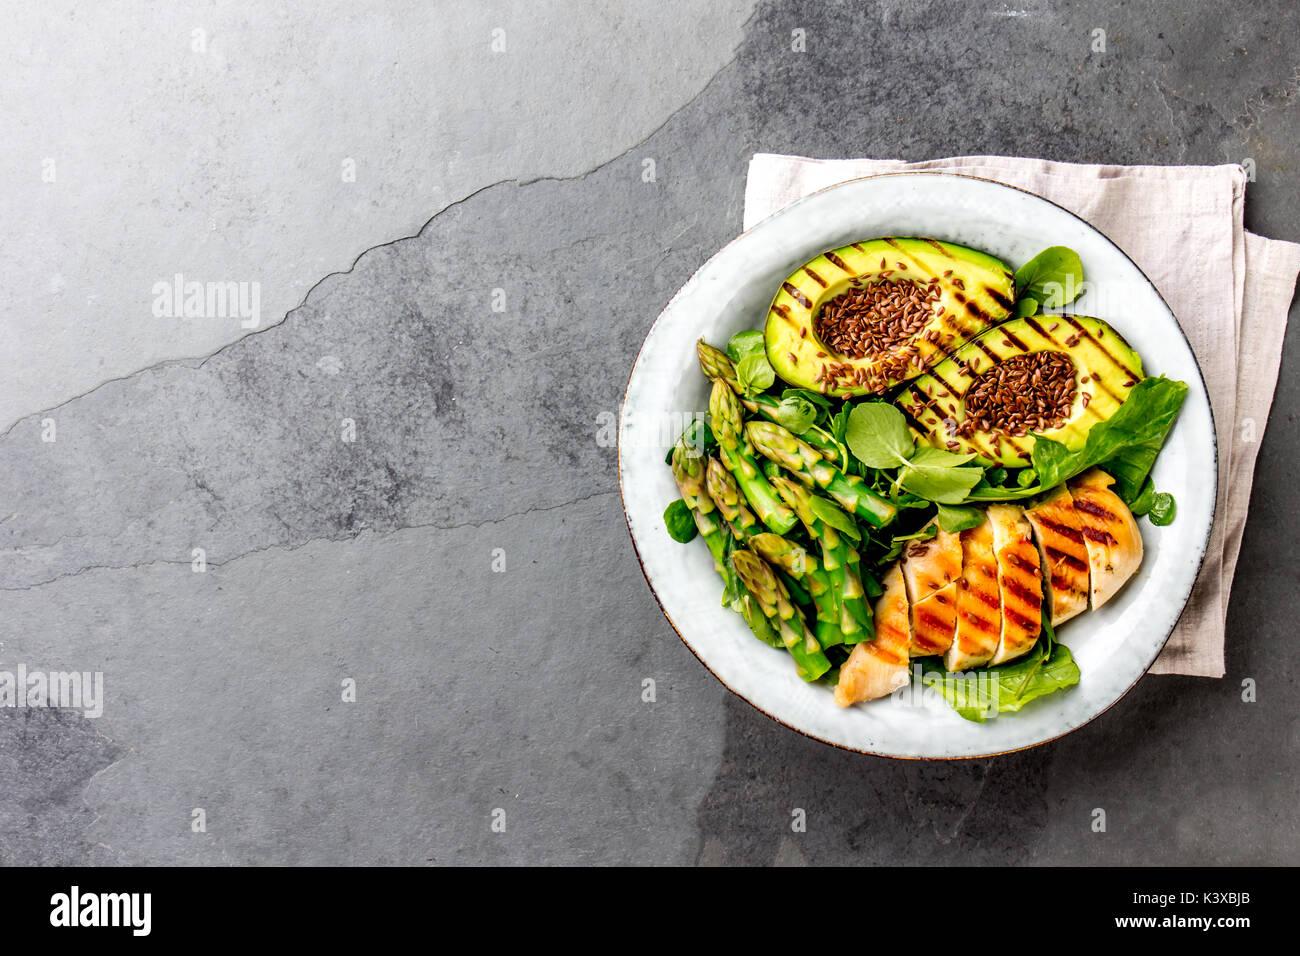 Sana di pollo alla brace e grigliate di avocado e insalata di asparagi con i semi di lino. Pranzo equilibrato nel recipiente. Grigio ardesia sfondo. Vista dall'alto. Immagini Stock